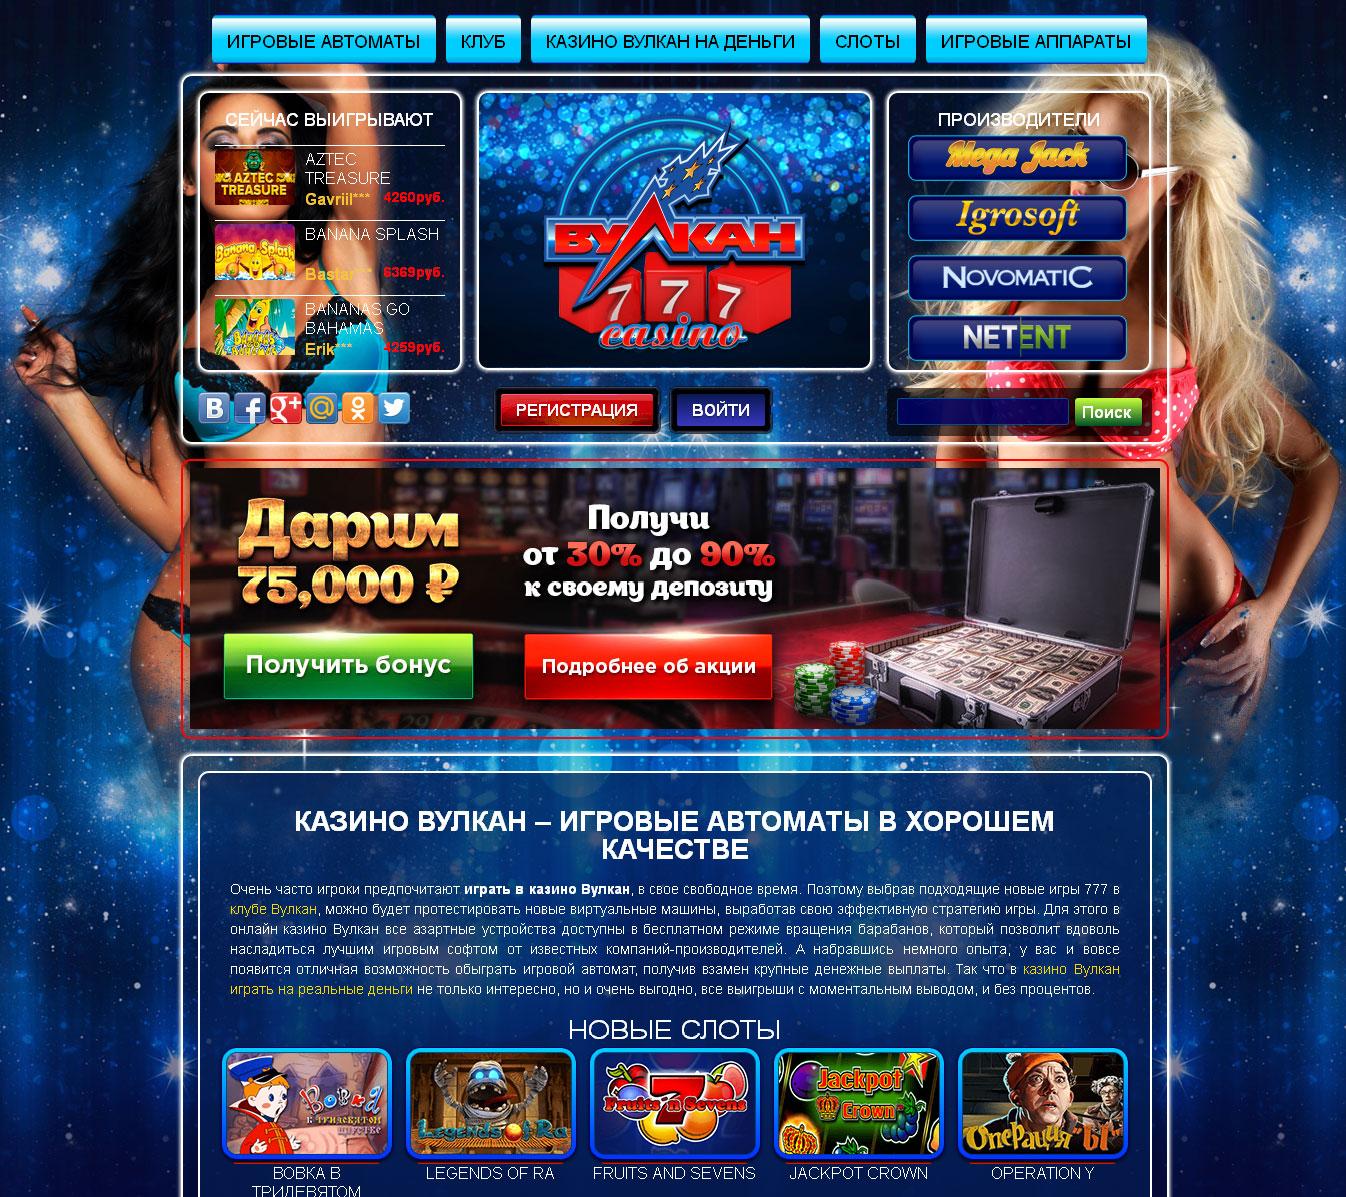 Казино Вулкан – игровые автоматы в хорошем качестве